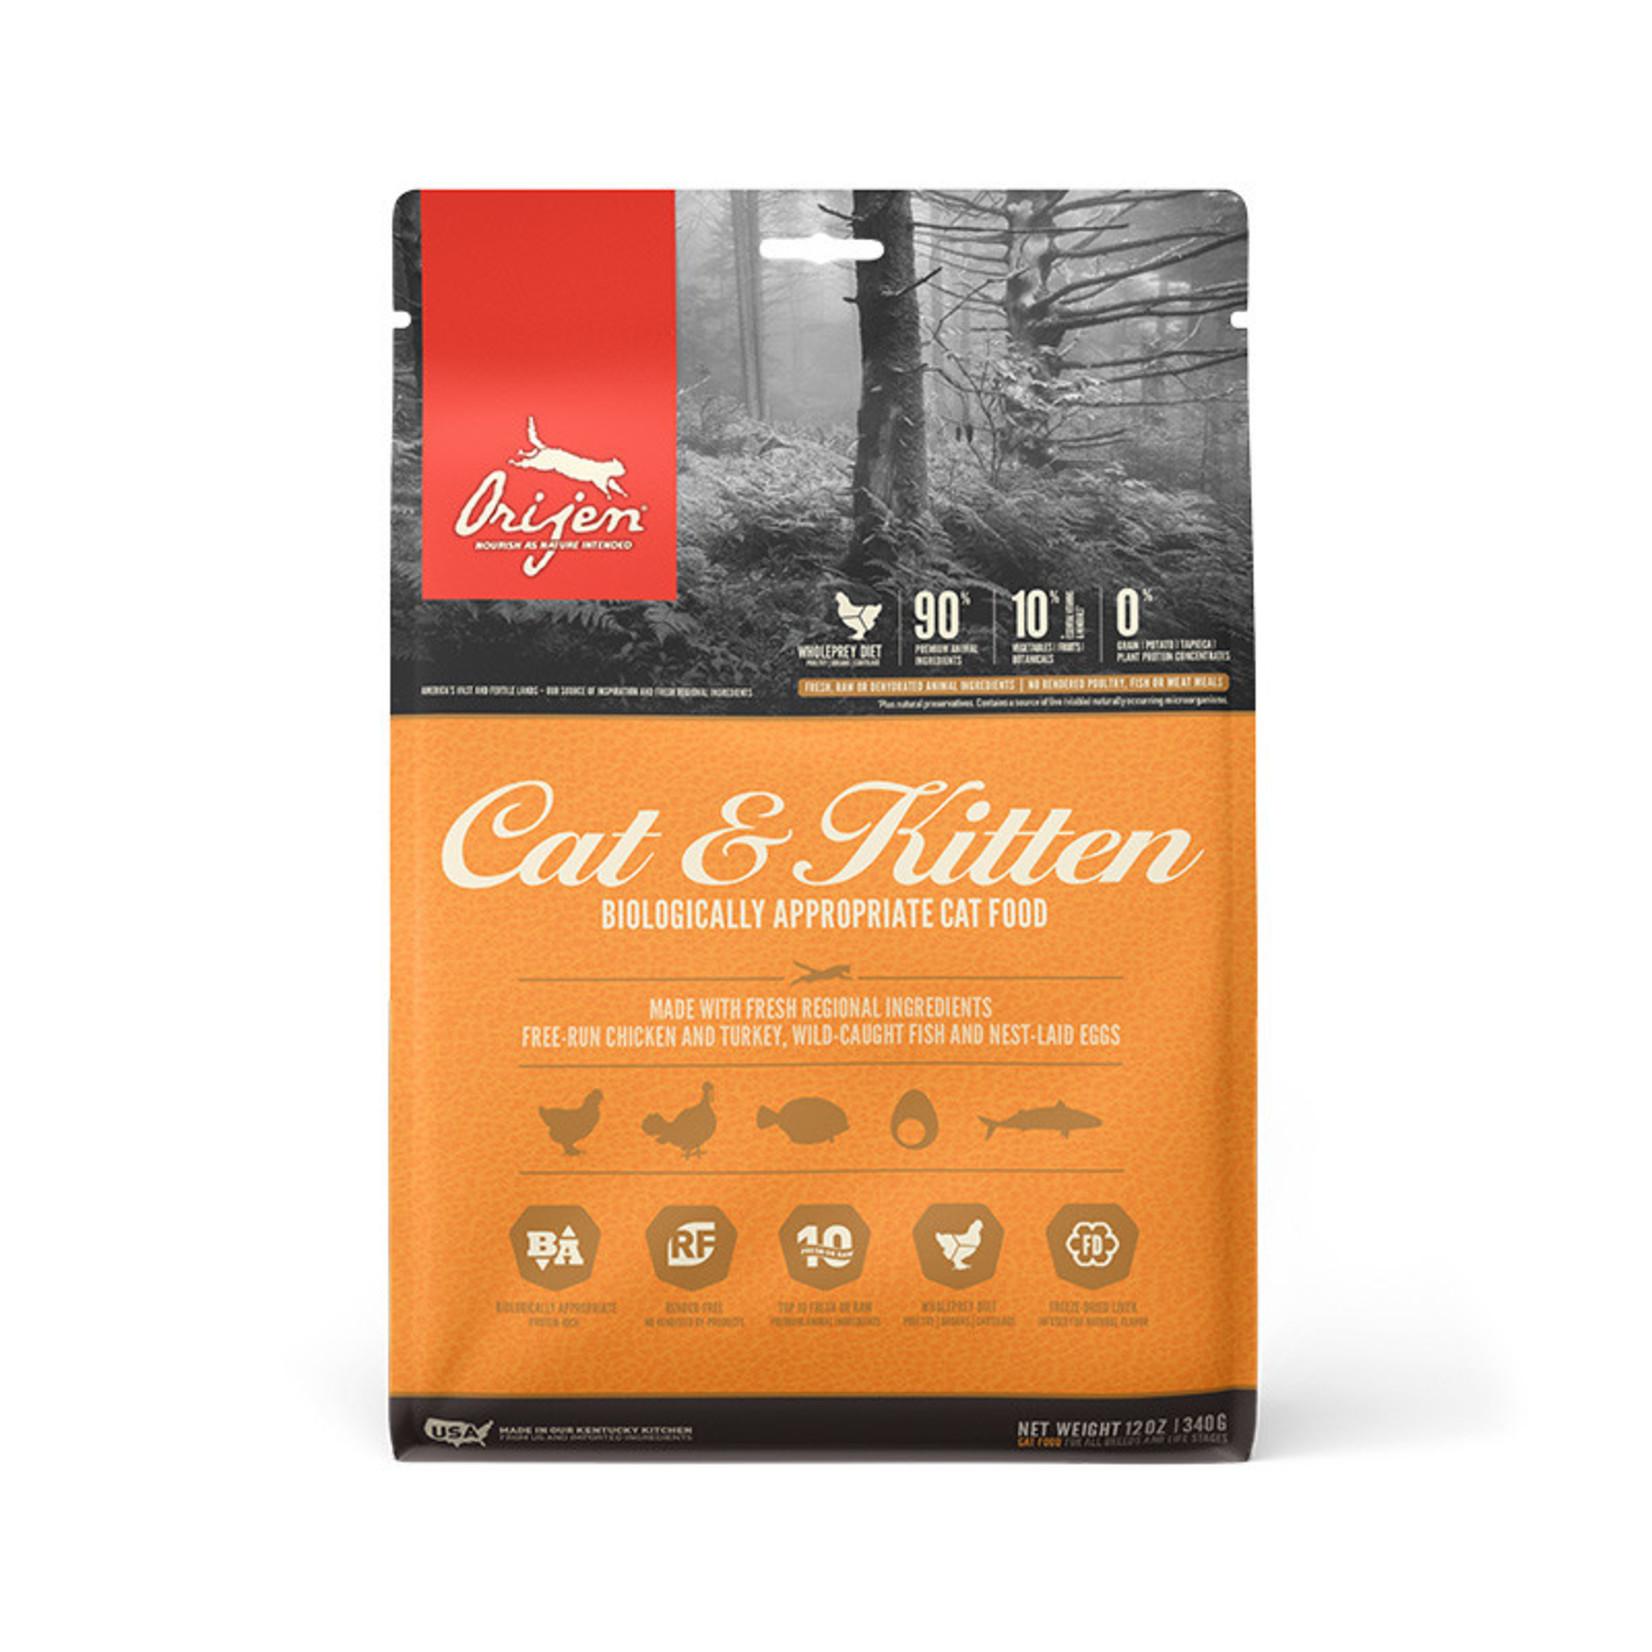 Champion Pet Foods Orijen Cat & Kitten 12 OZ